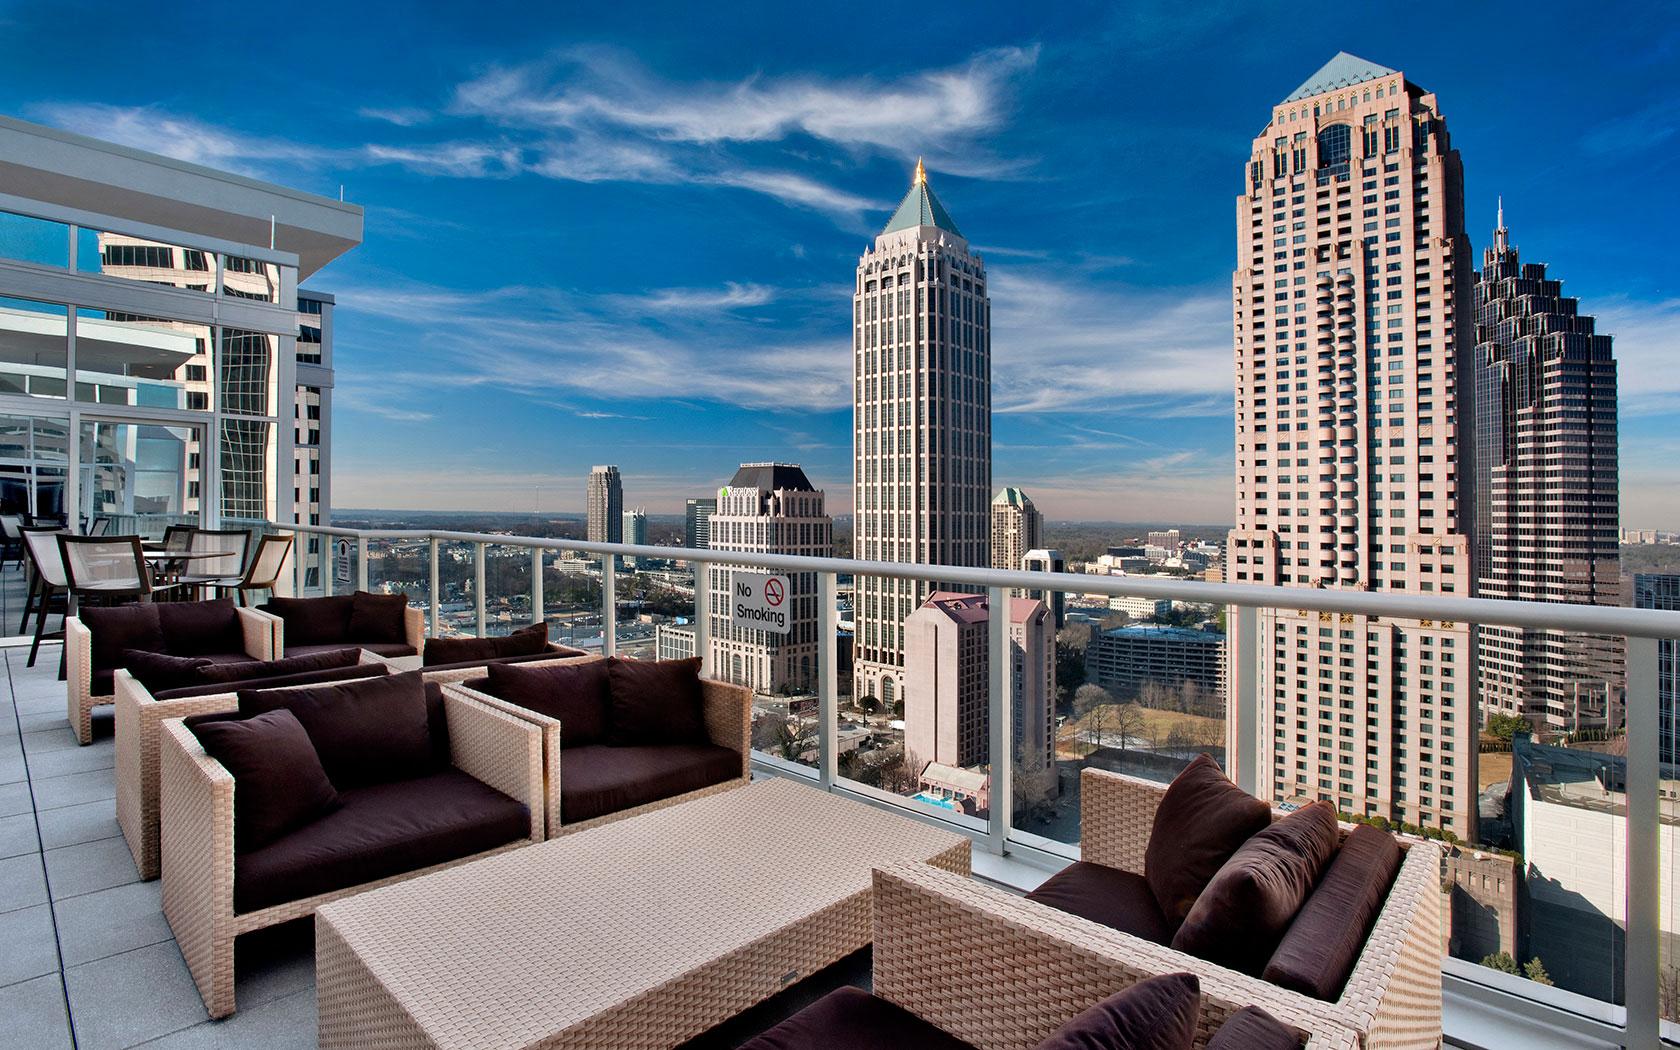 Atlanta photogallery 19